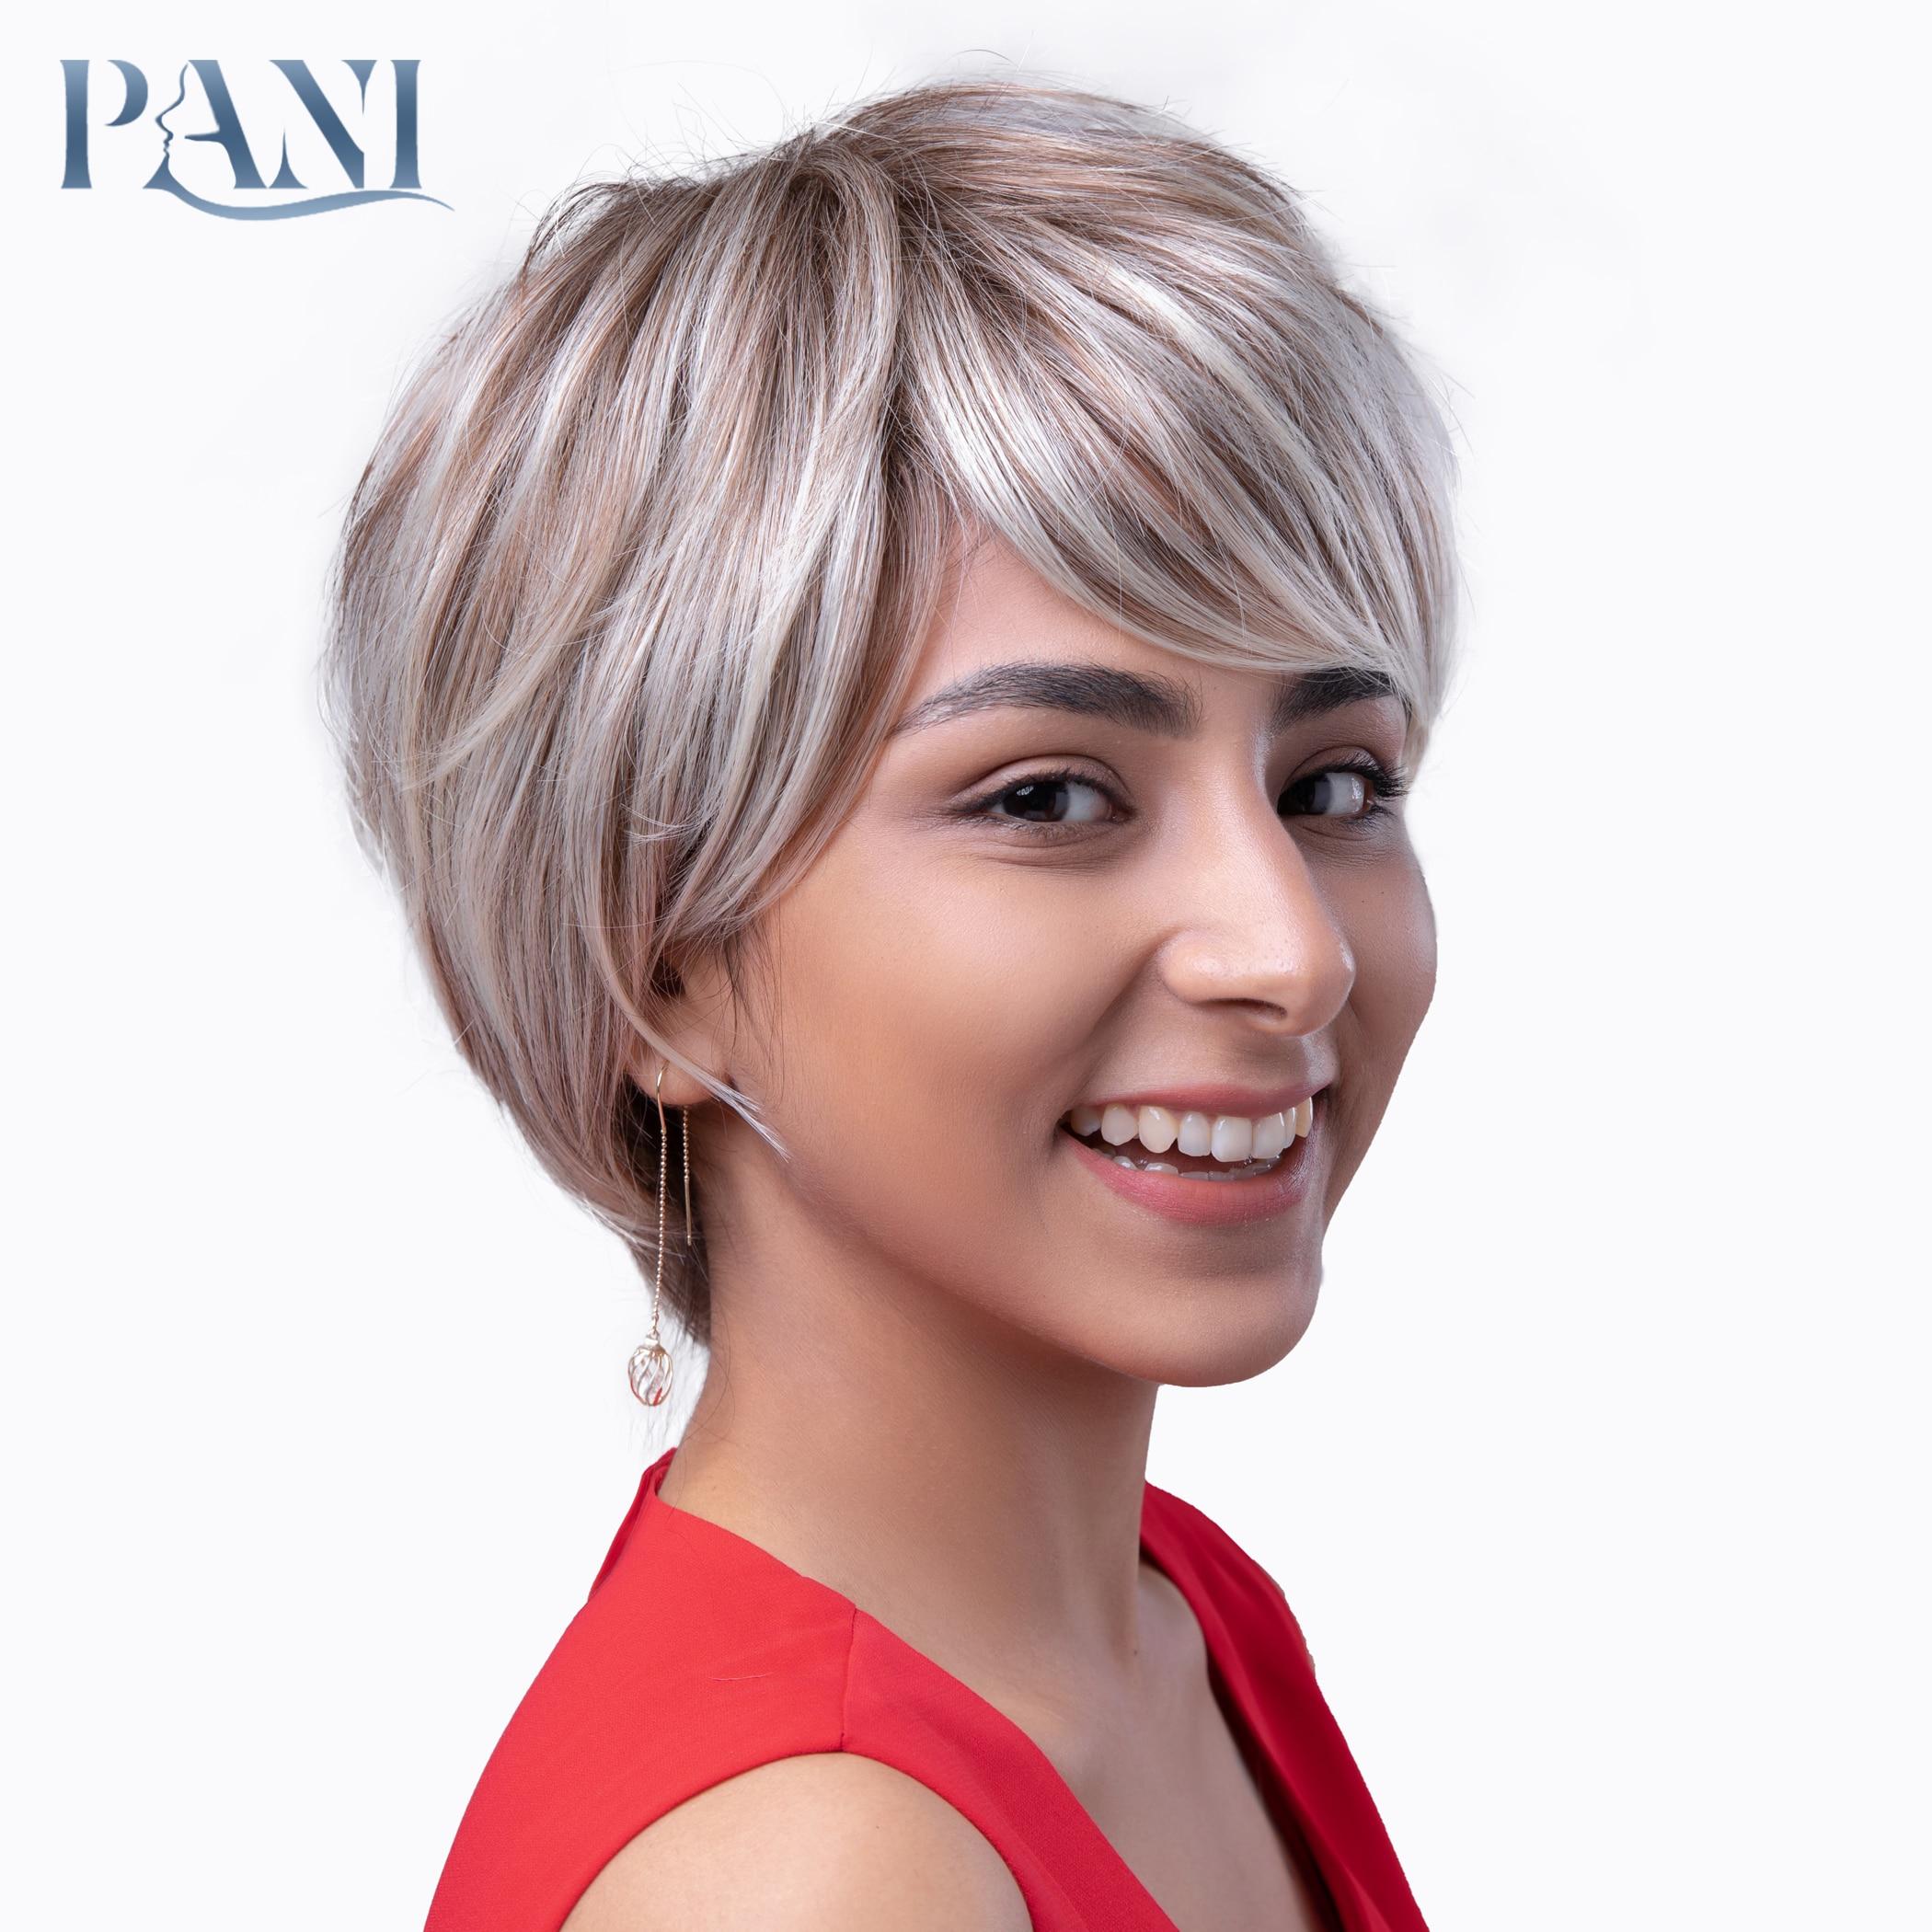 Pani curto sintético perucas completas para mulheres peruca loira ombre peruca marrom wth loira destaques cabelo natural com franja perucas baratas